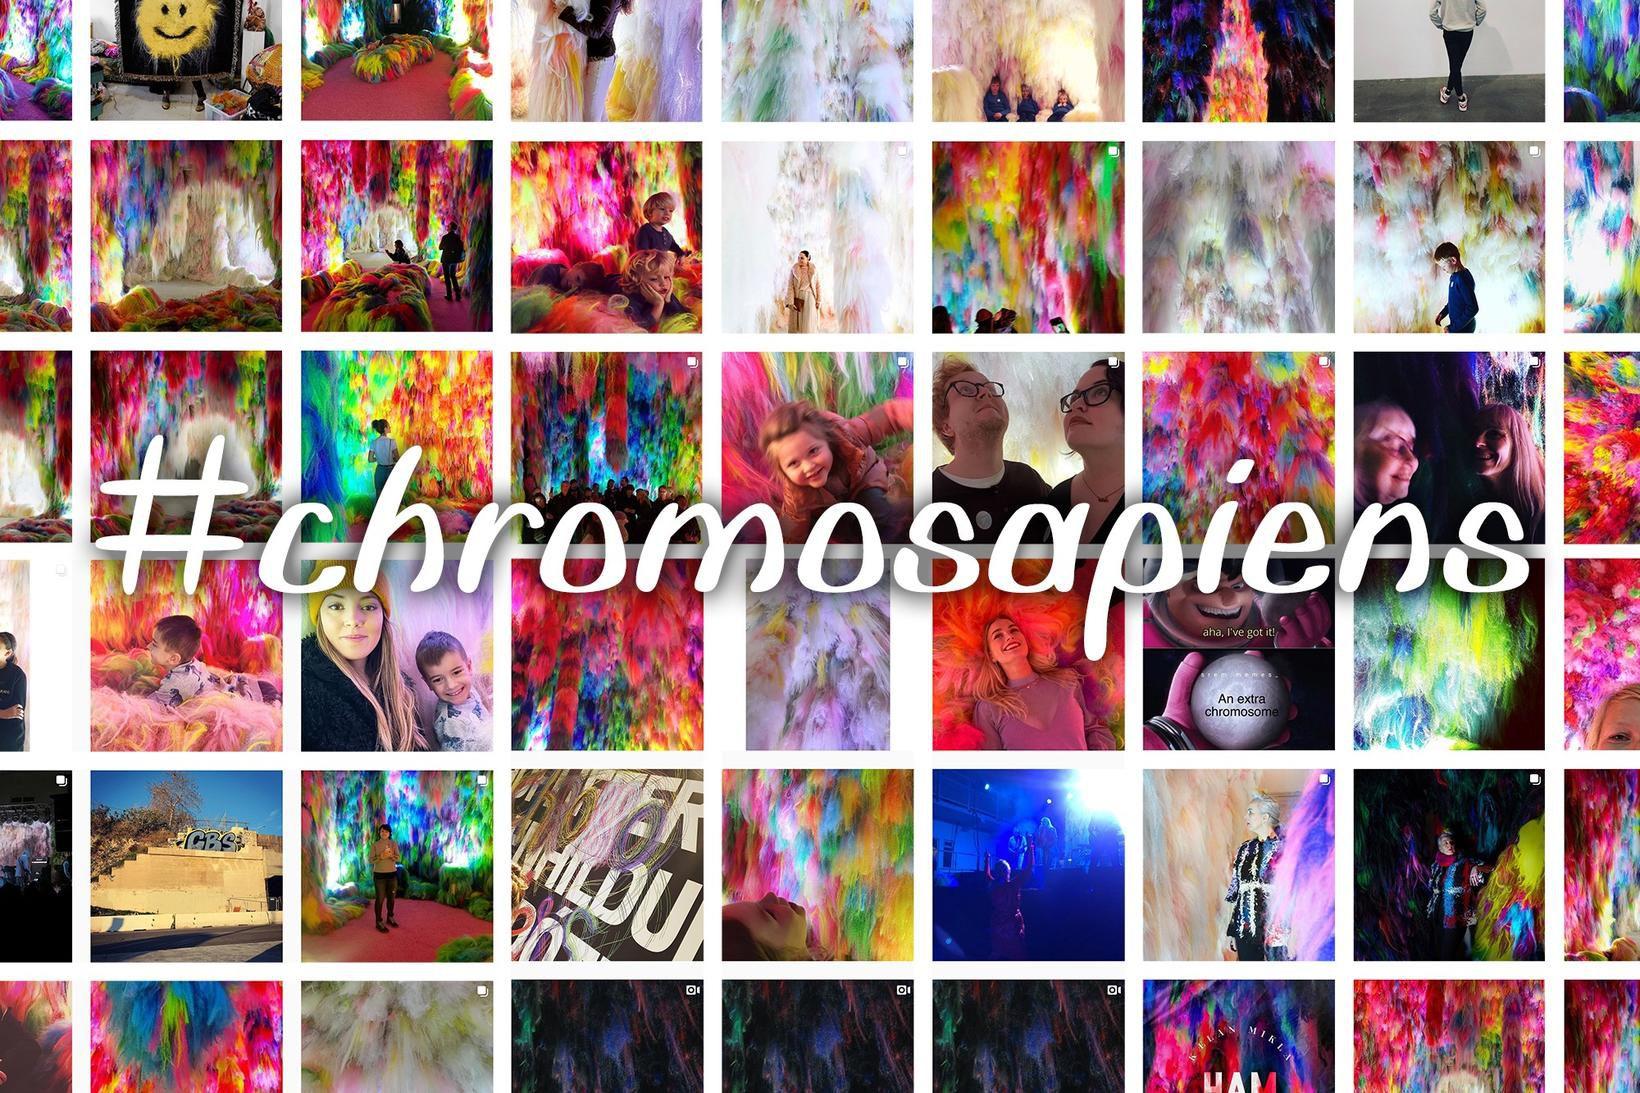 Er Chromo Sapiens Instagram-vænsta listasýning Íslandssögunnar?